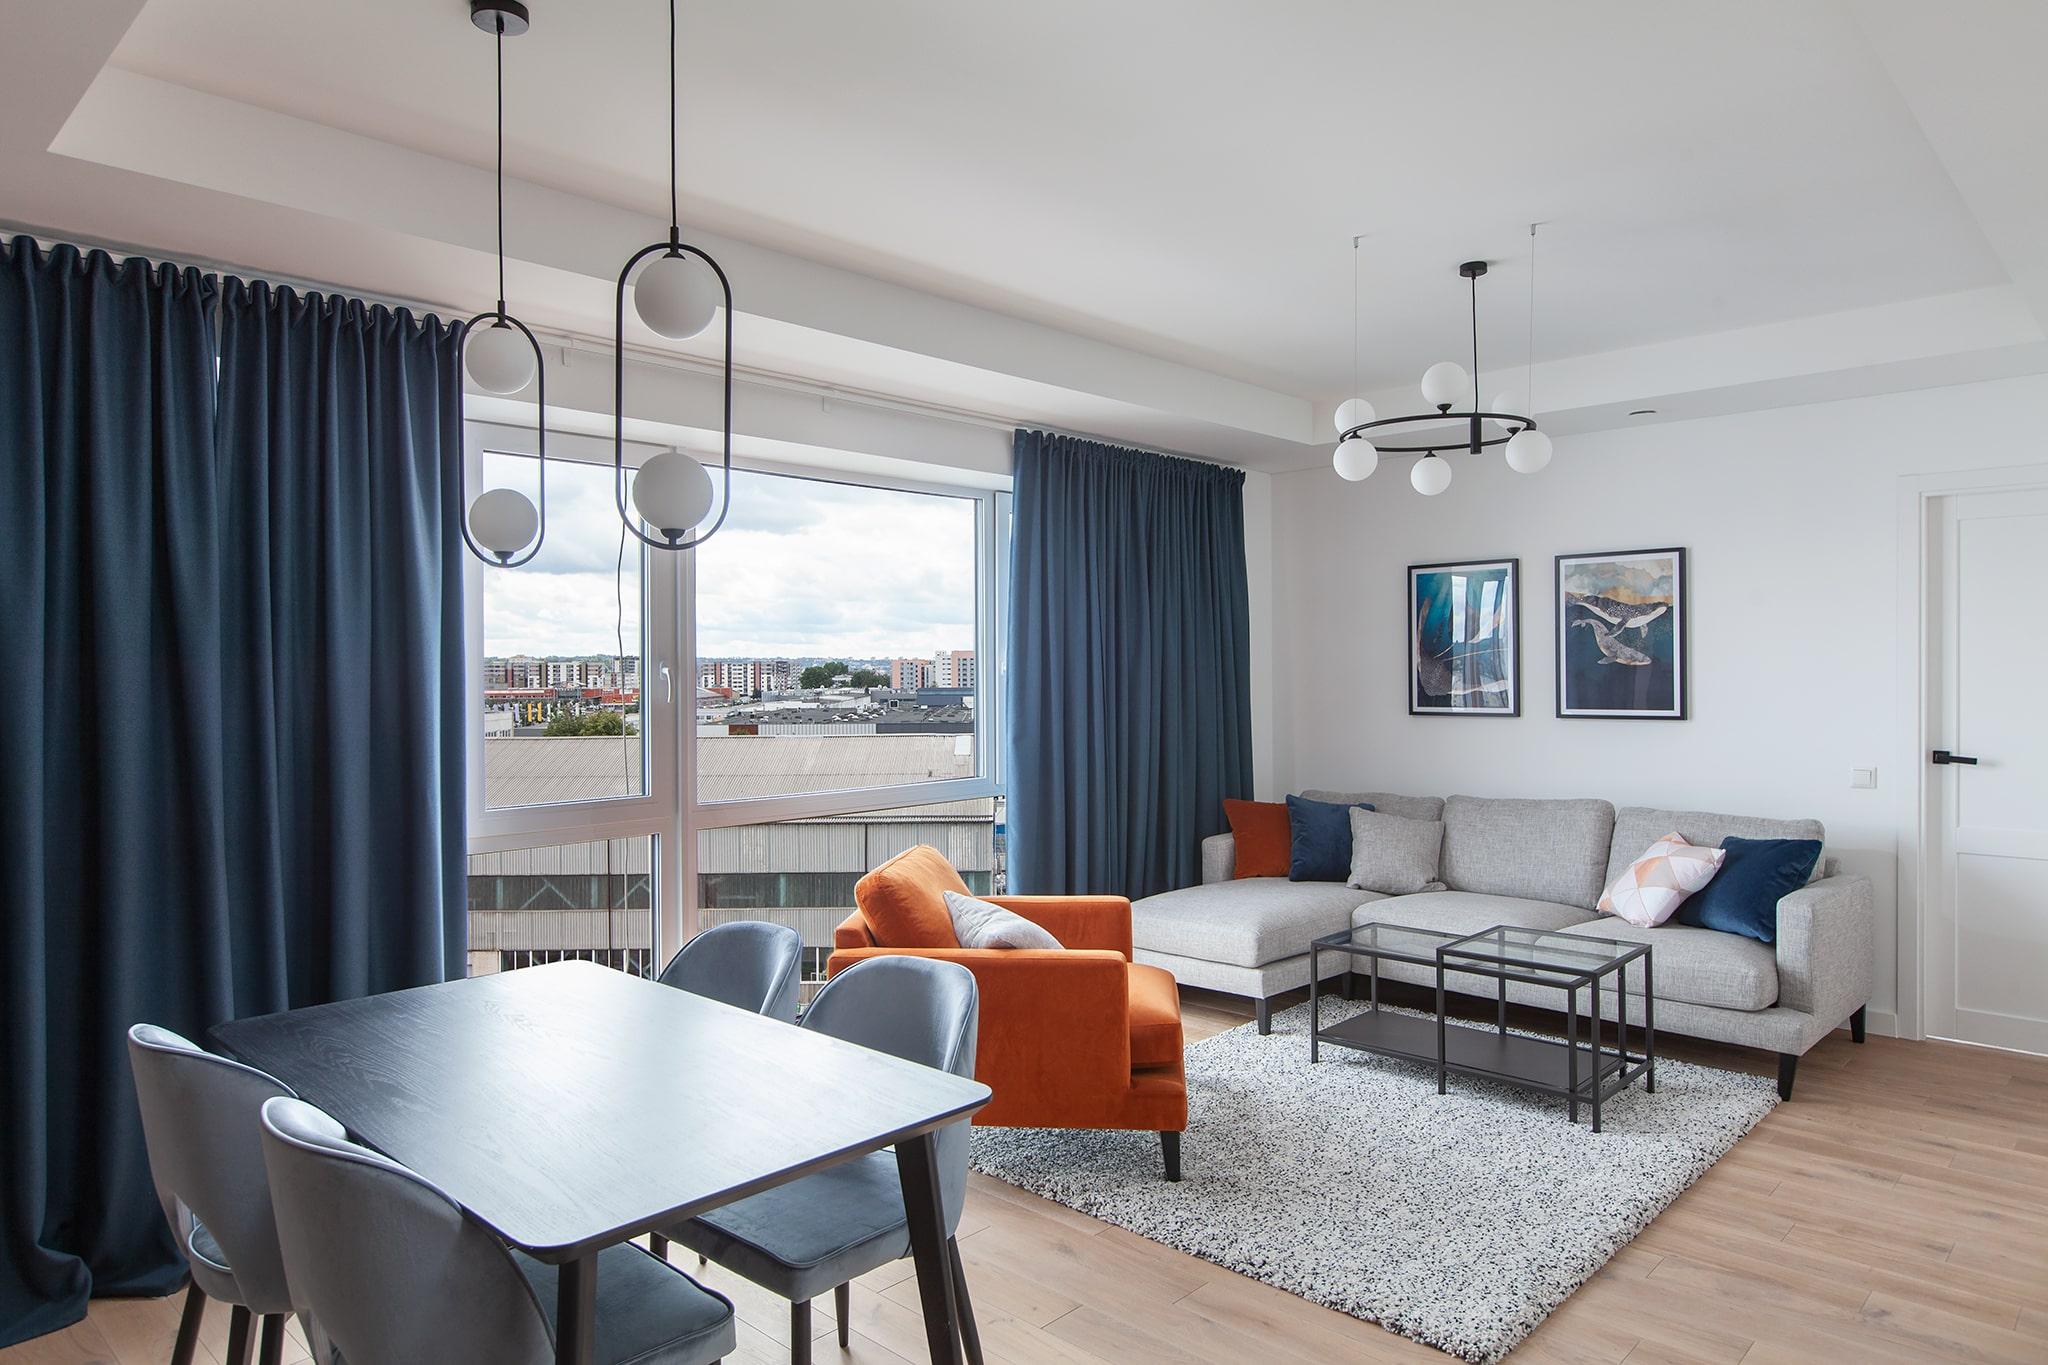 Erdvus ir racionaliai išplanuotas butas turi du atskirus miegamuosius ir vieną gyvenamą kambarį, sujungtą su virtuvės zona